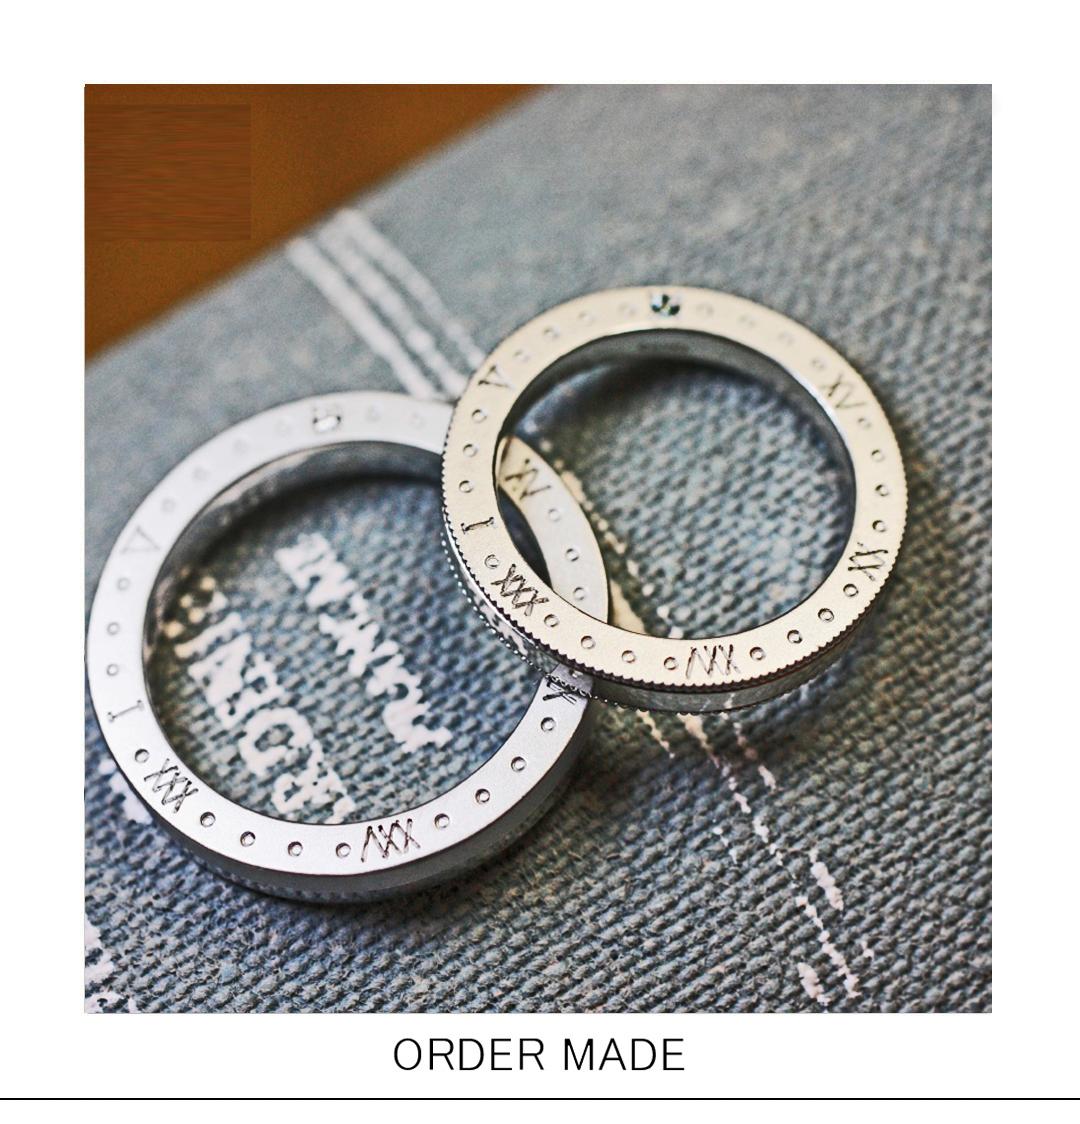 結婚指輪にローマ字で二人の記念日をデザインしたオーダーメイド作品のサムネイル